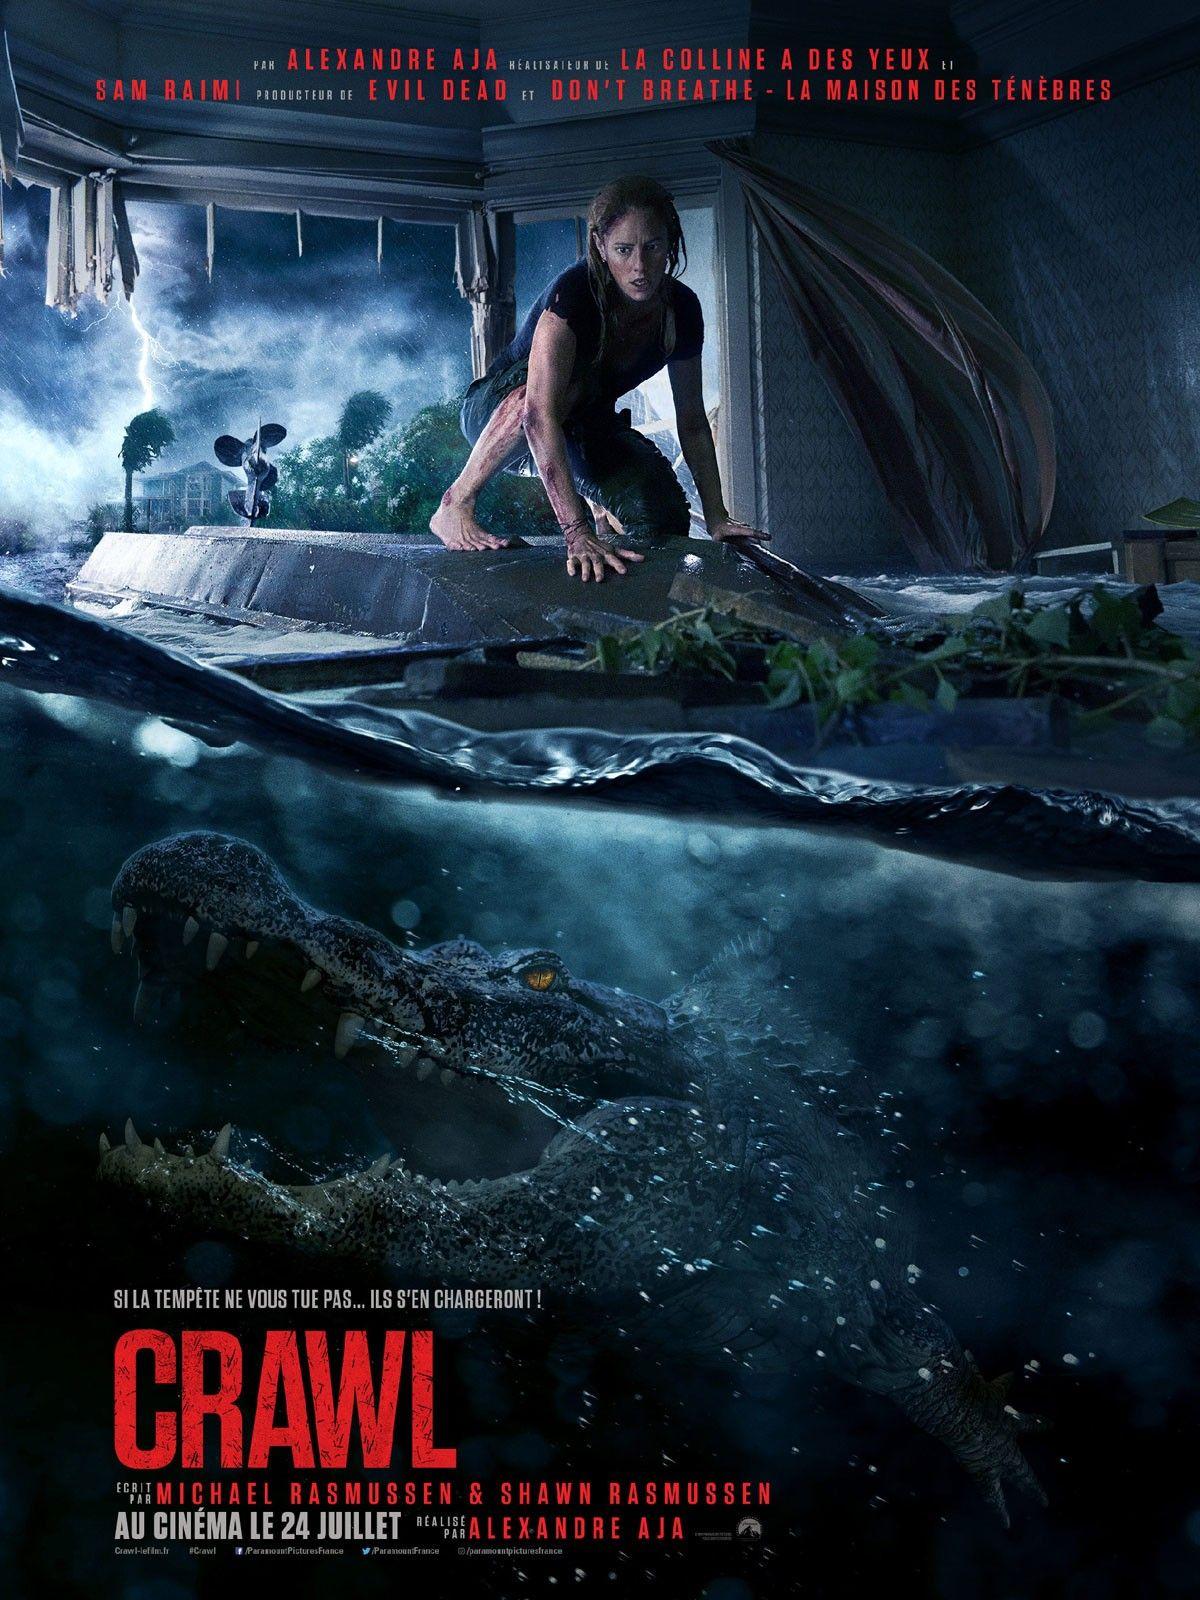 Crawl 2019 Alexandre Aja Horror Horrormovie Horrorposter Crocodile Alligator Monstermovie Peliculas De Terror Películas Completas Peliculas